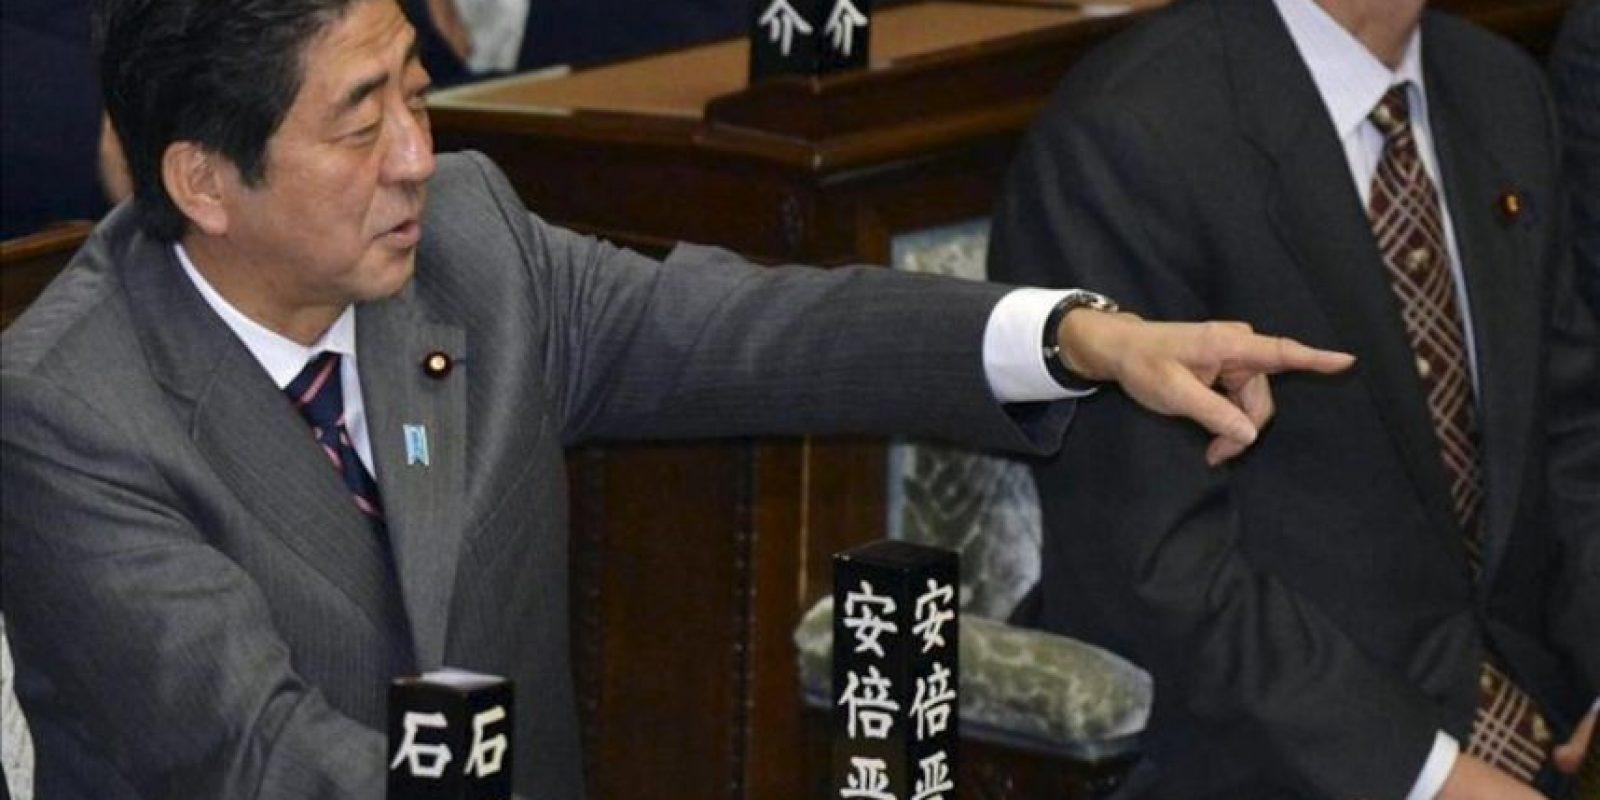 El líder del Partido Liberal Democrático (PLD) y nuevo primer ministro Shinzo Abe, reacciona tras ser nombrado primer ministro en la Casa de Representantes en Tokio (Japón) hoy, miércoles 26 de diciembre de 2012. EFE